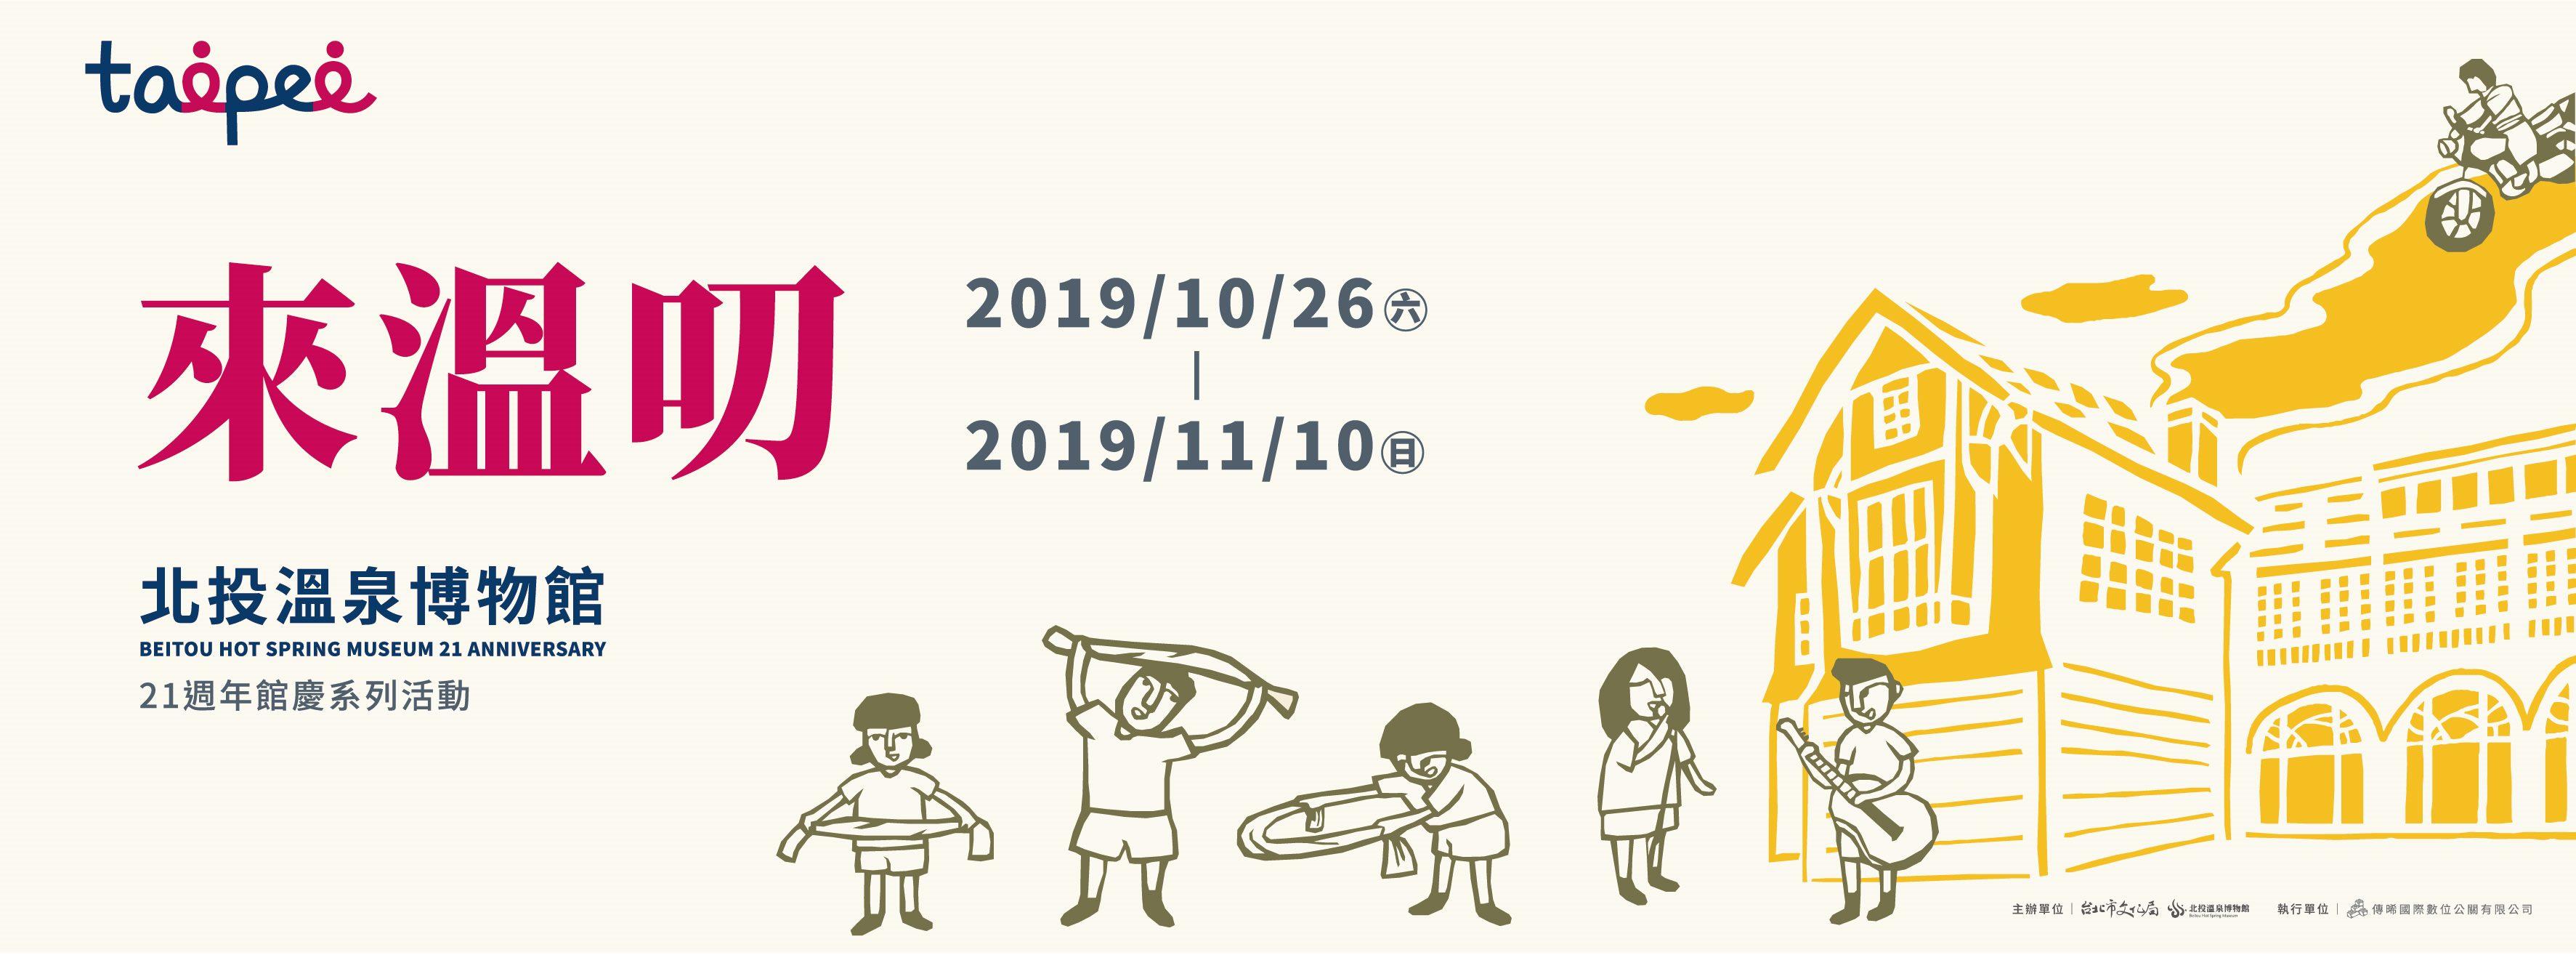 【溫博館21週年館慶】10/26-11/10「來溫叨」過生日